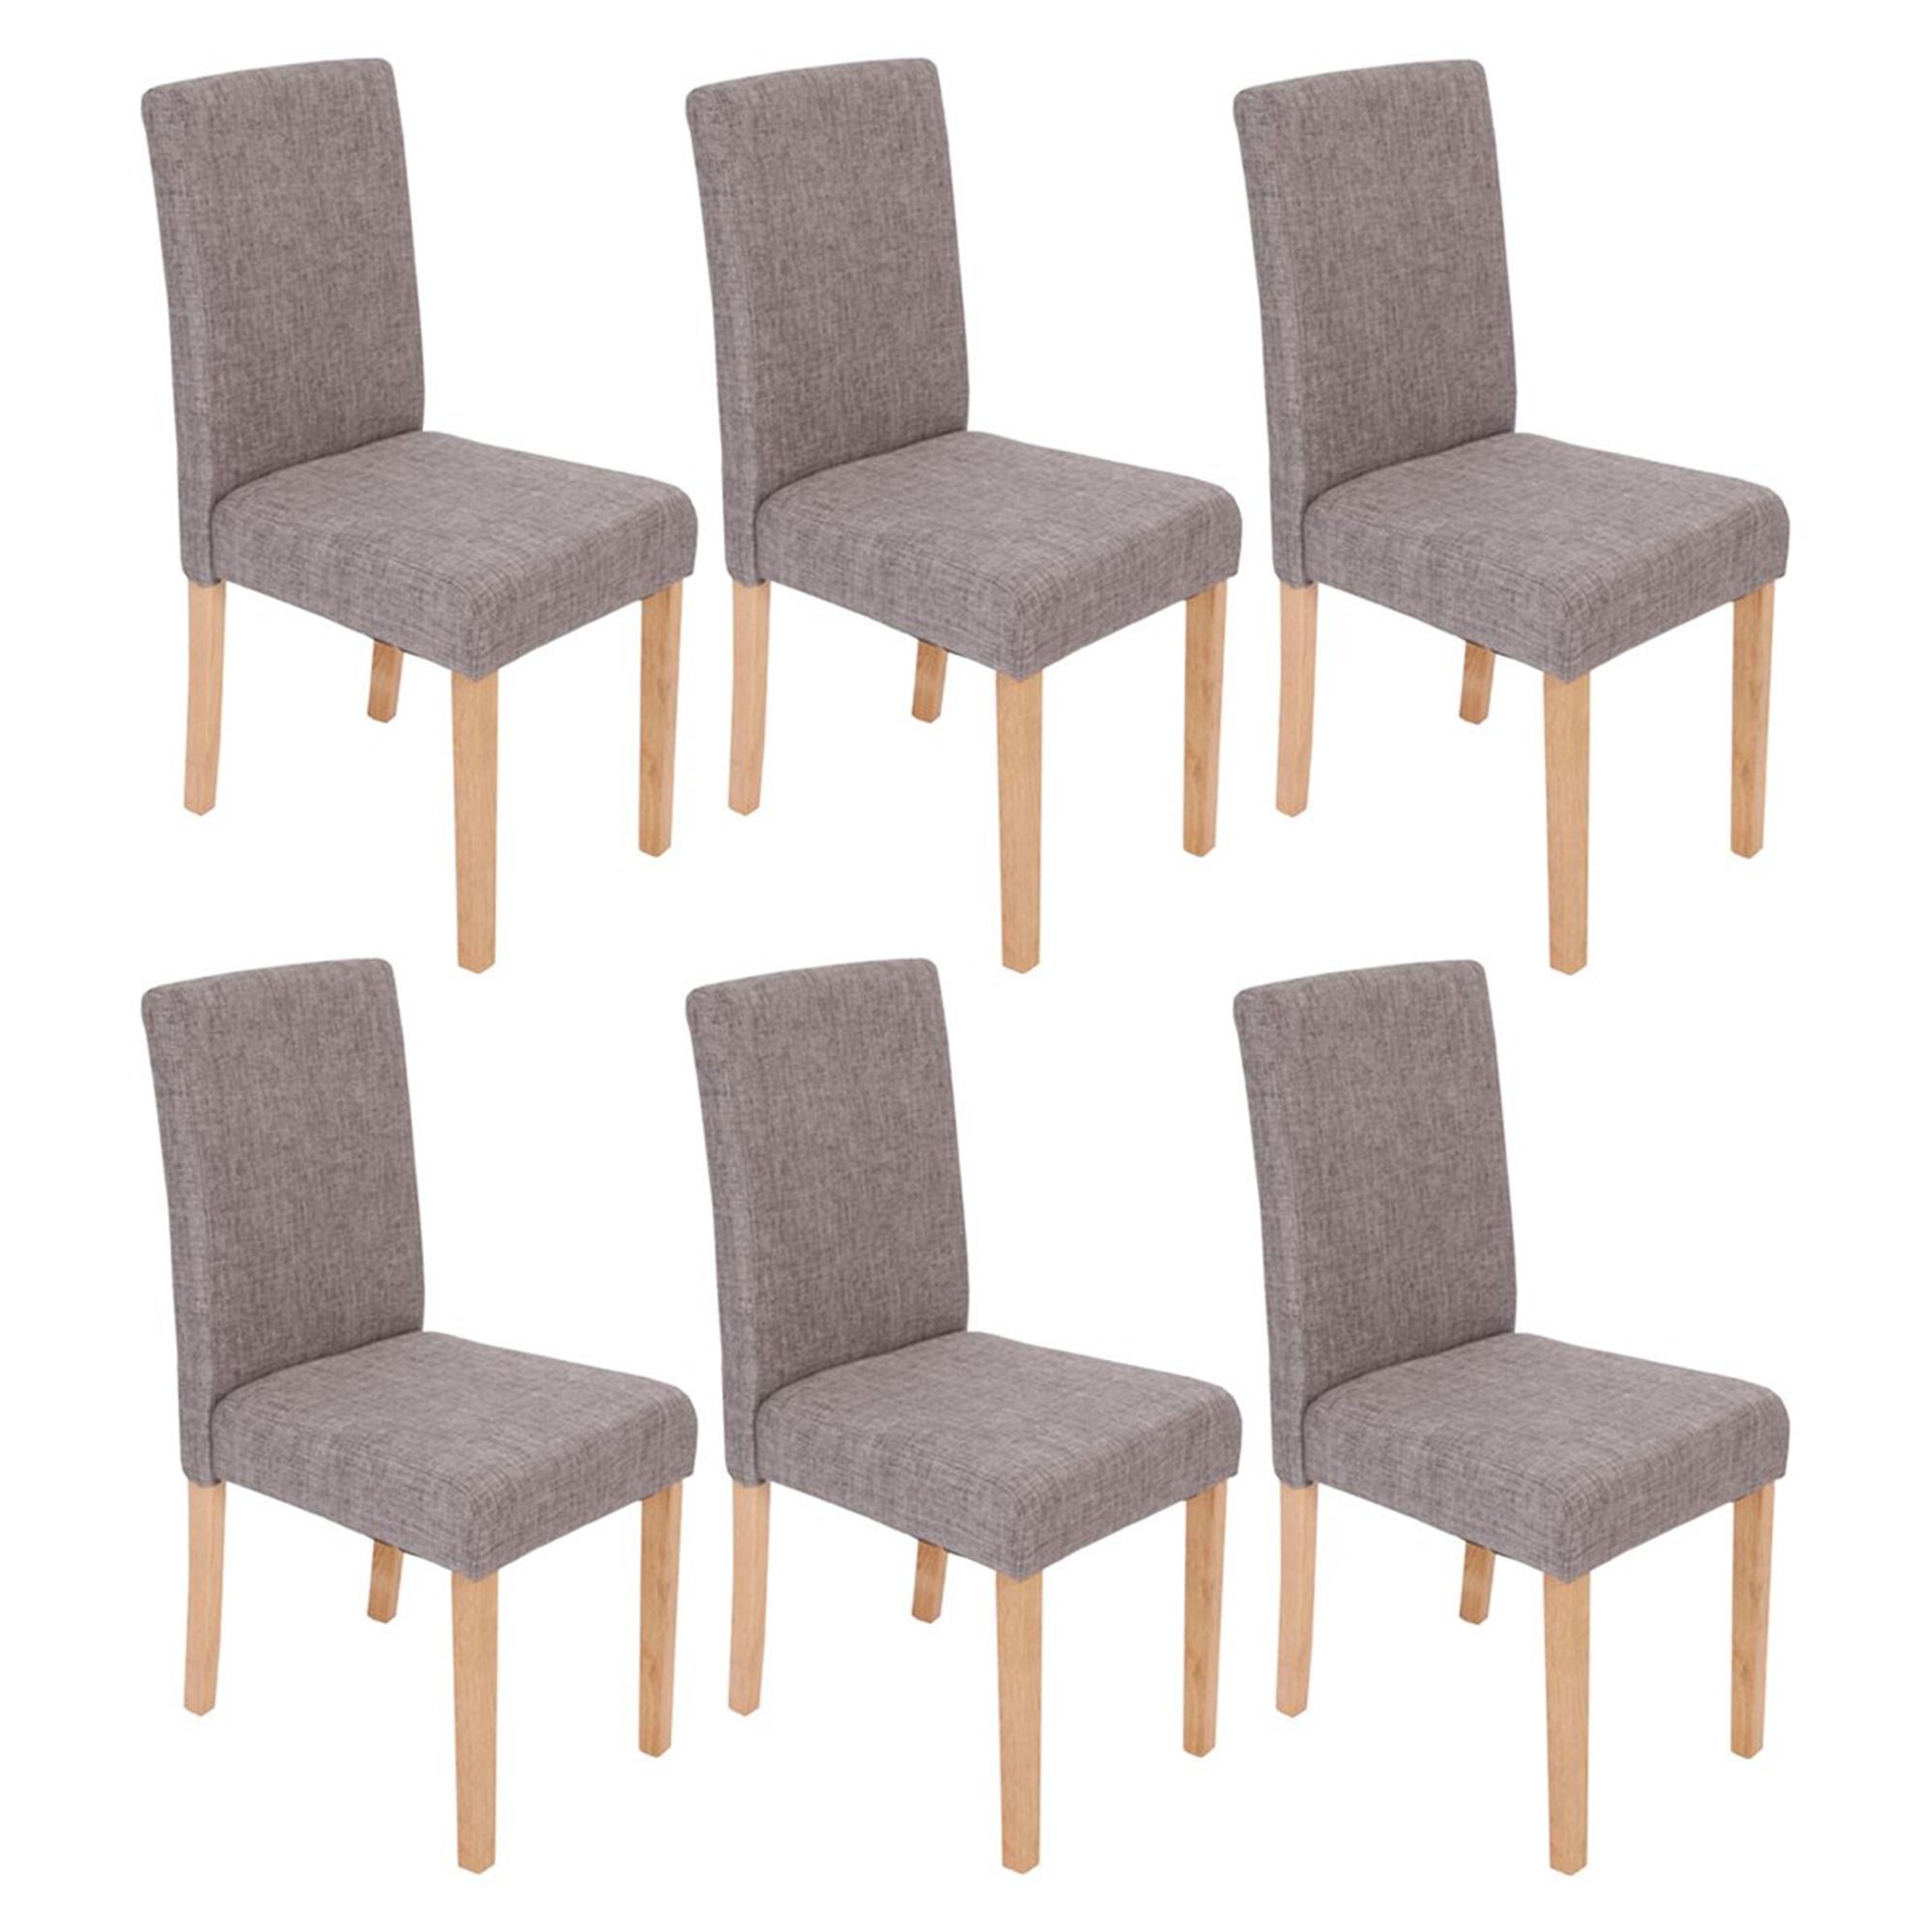 Lote 6 sillas de comedor litau tela precioso dise o tela - Tela para sillas de comedor ...